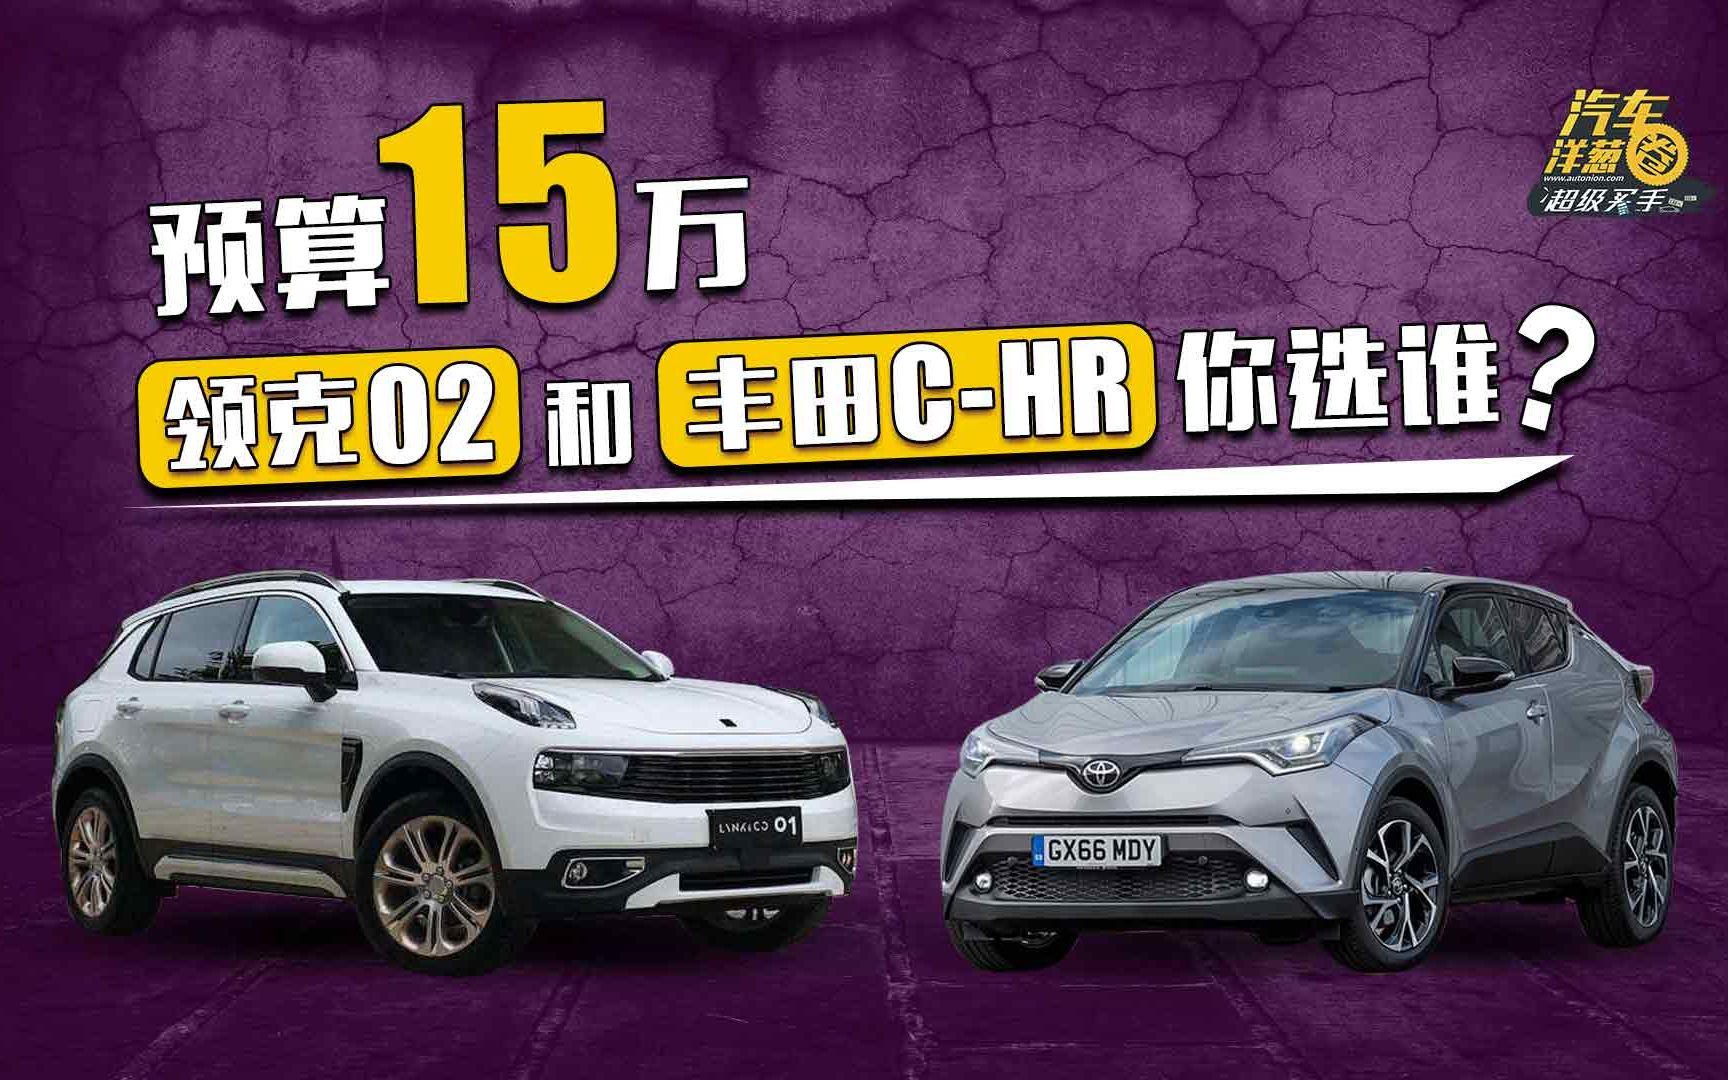 一个运动一个均衡,预算15万丰田C-HR和领克02该选谁?